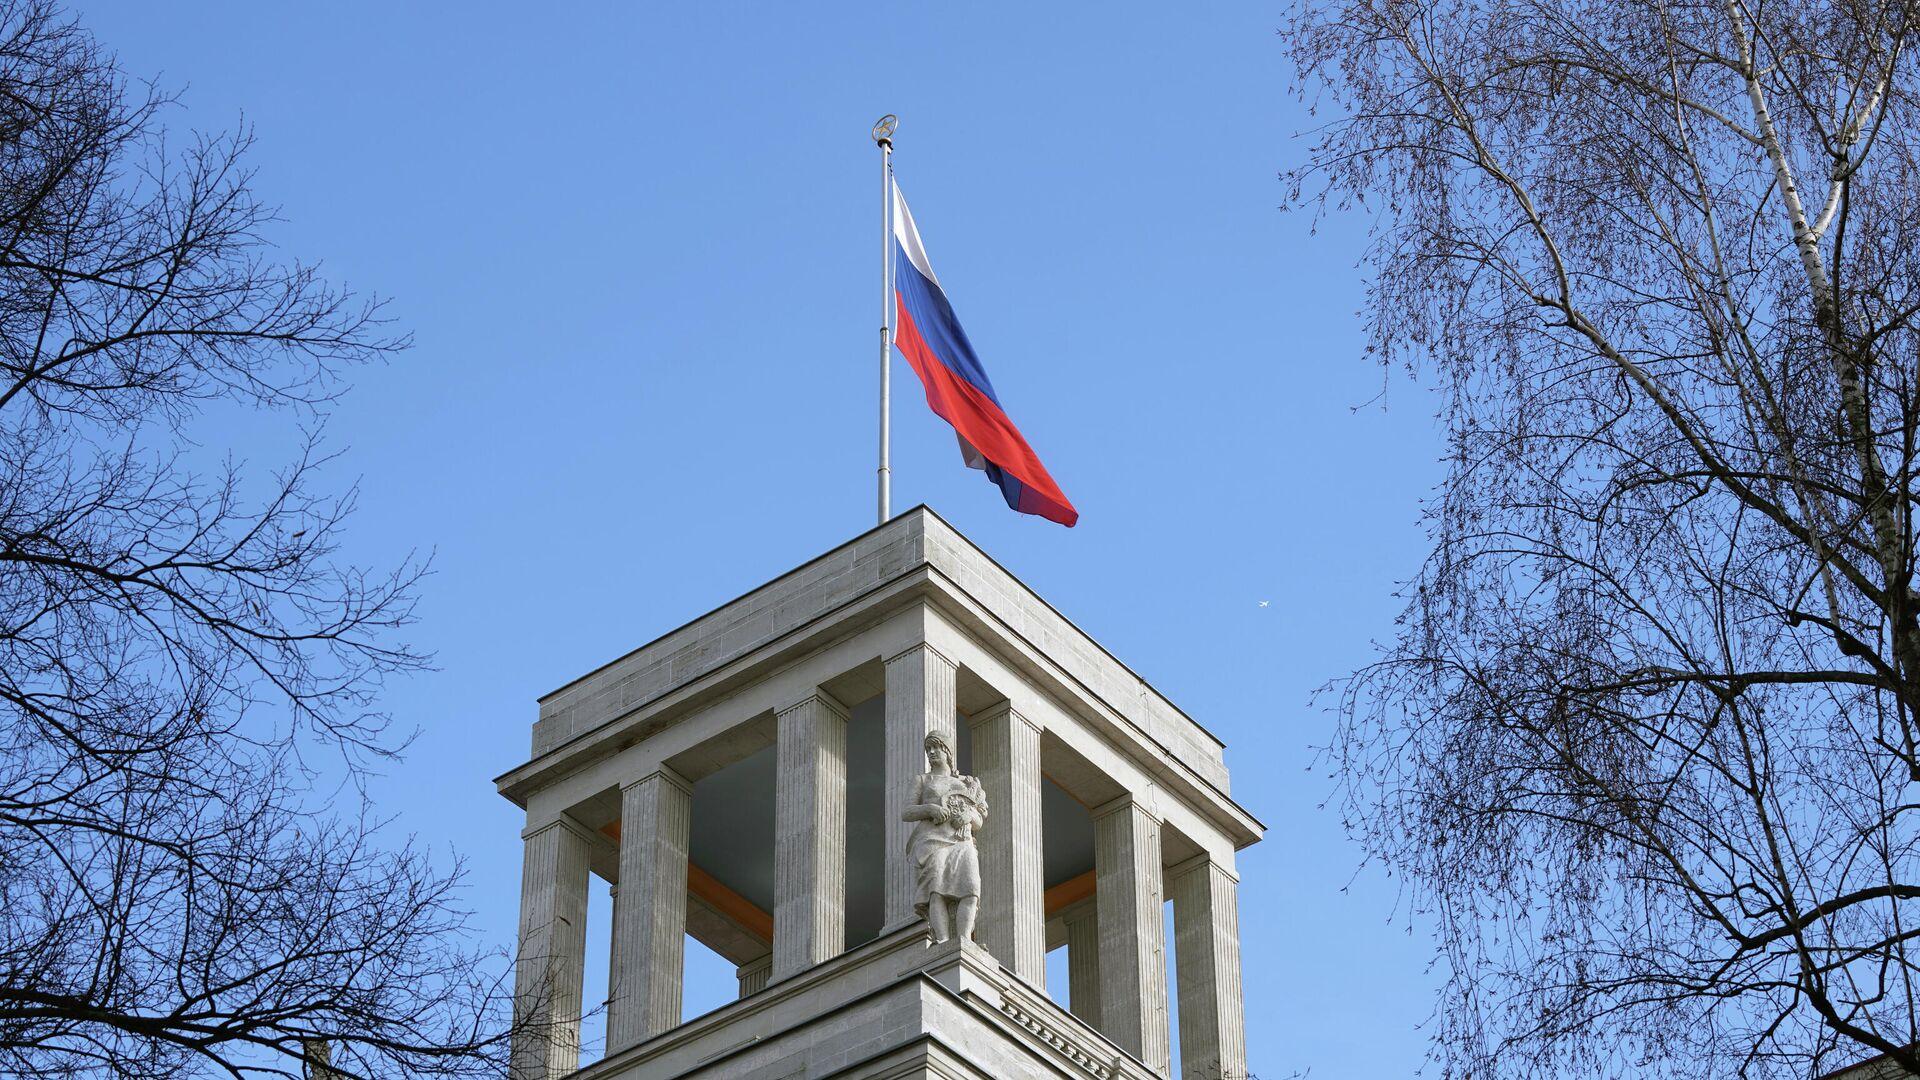 Здание посольства Российской Федерации в Берлине - РИА Новости, 1920, 18.06.2020